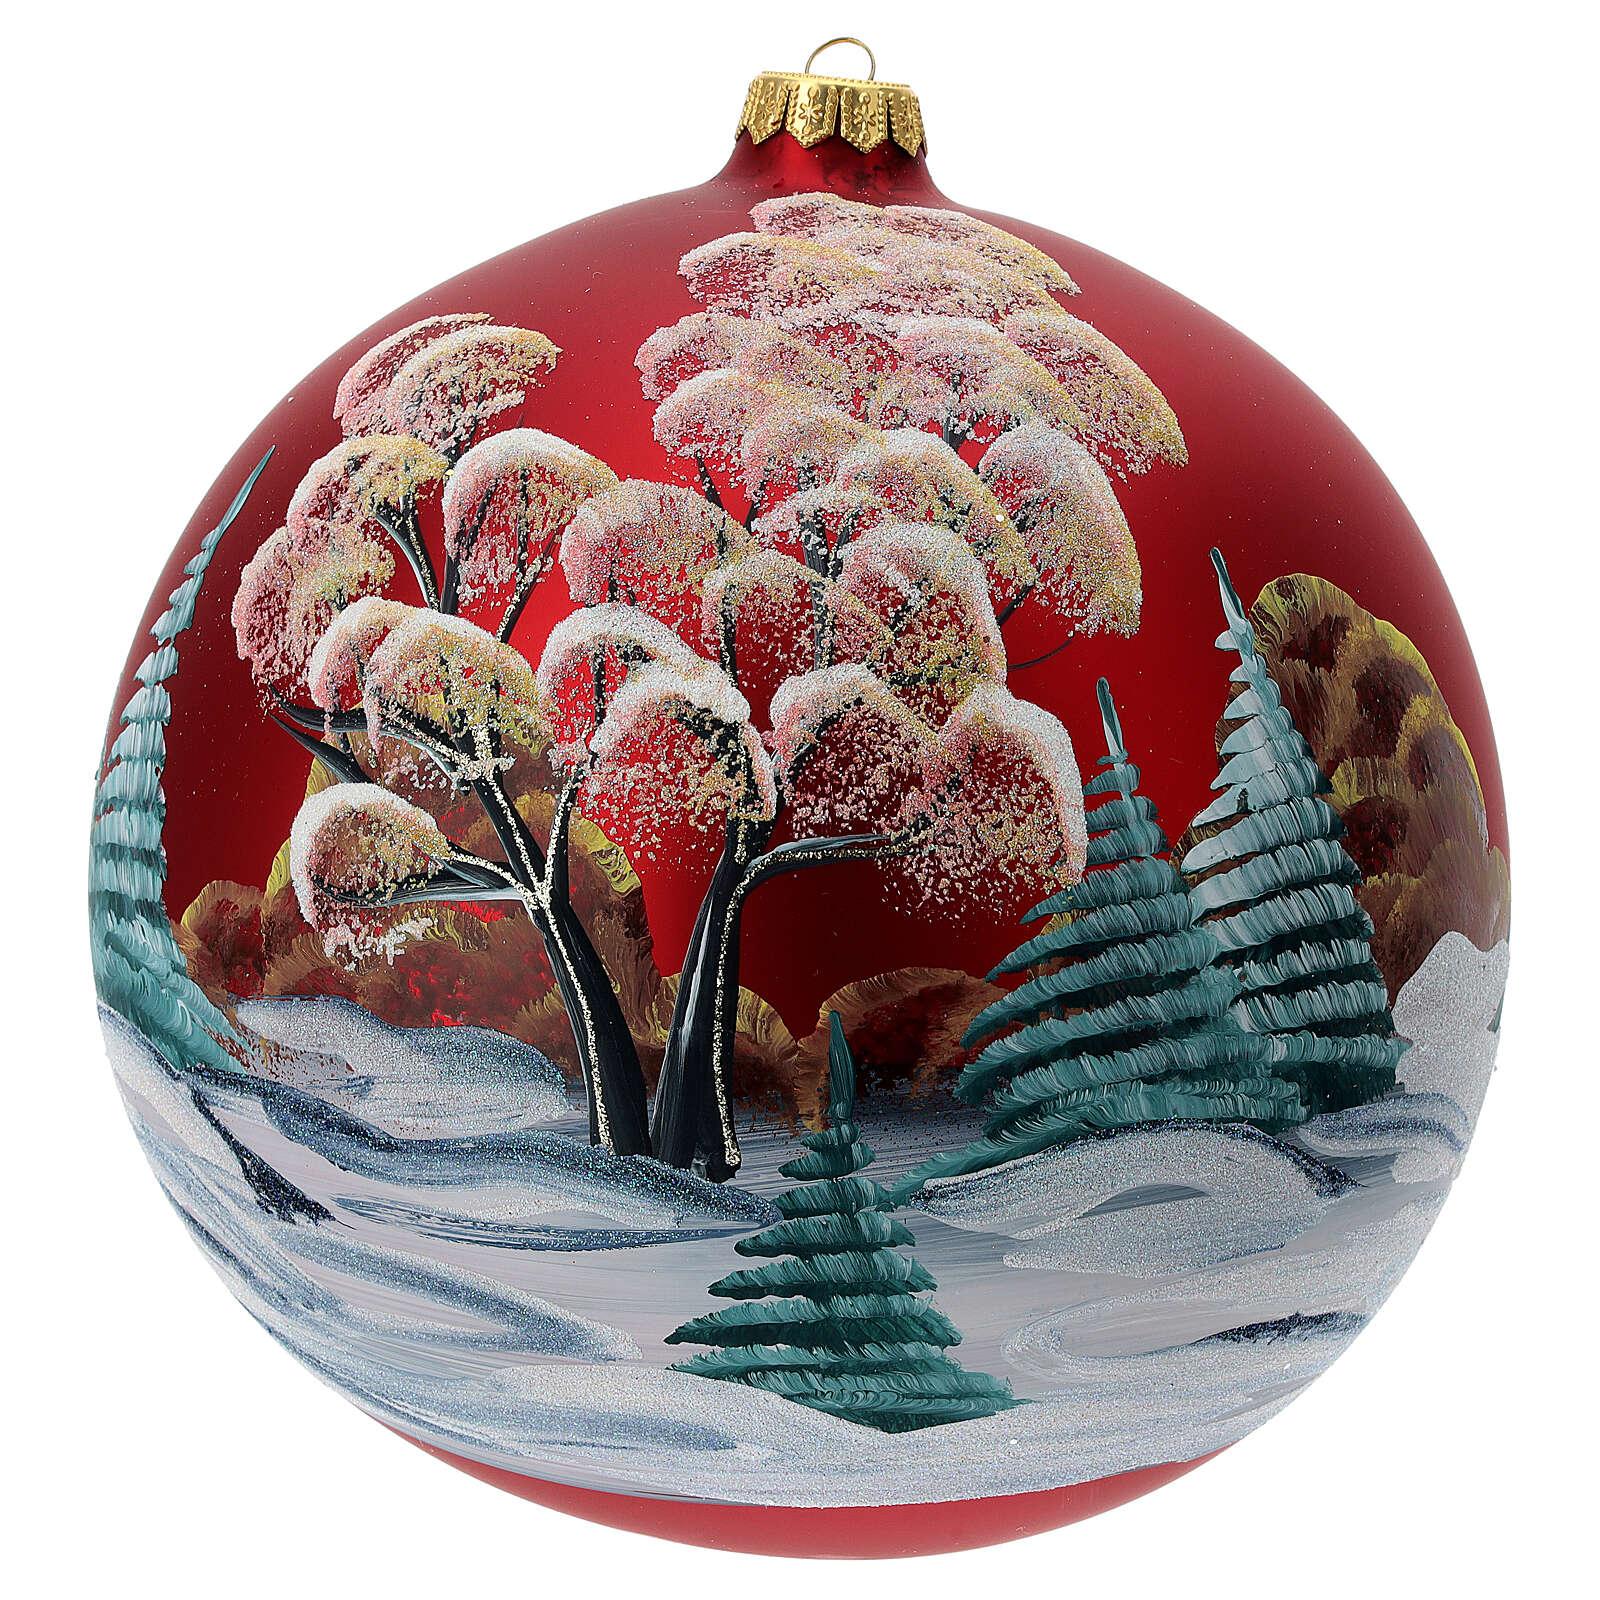 Bola árvore de Natal vidro soprado vermelho casa entre árvores 200 mm 4